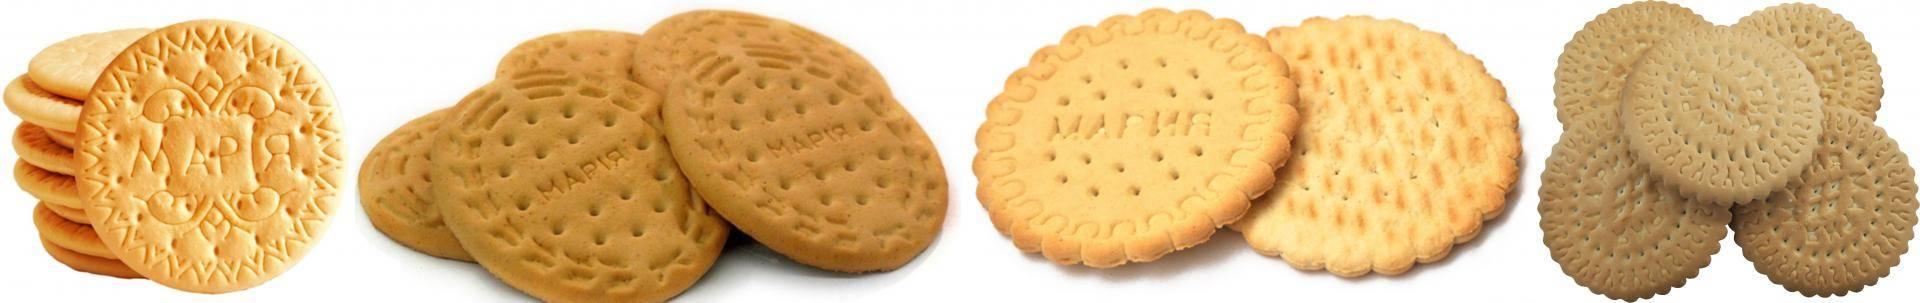 Затяжное печенье при грудном вскармливании